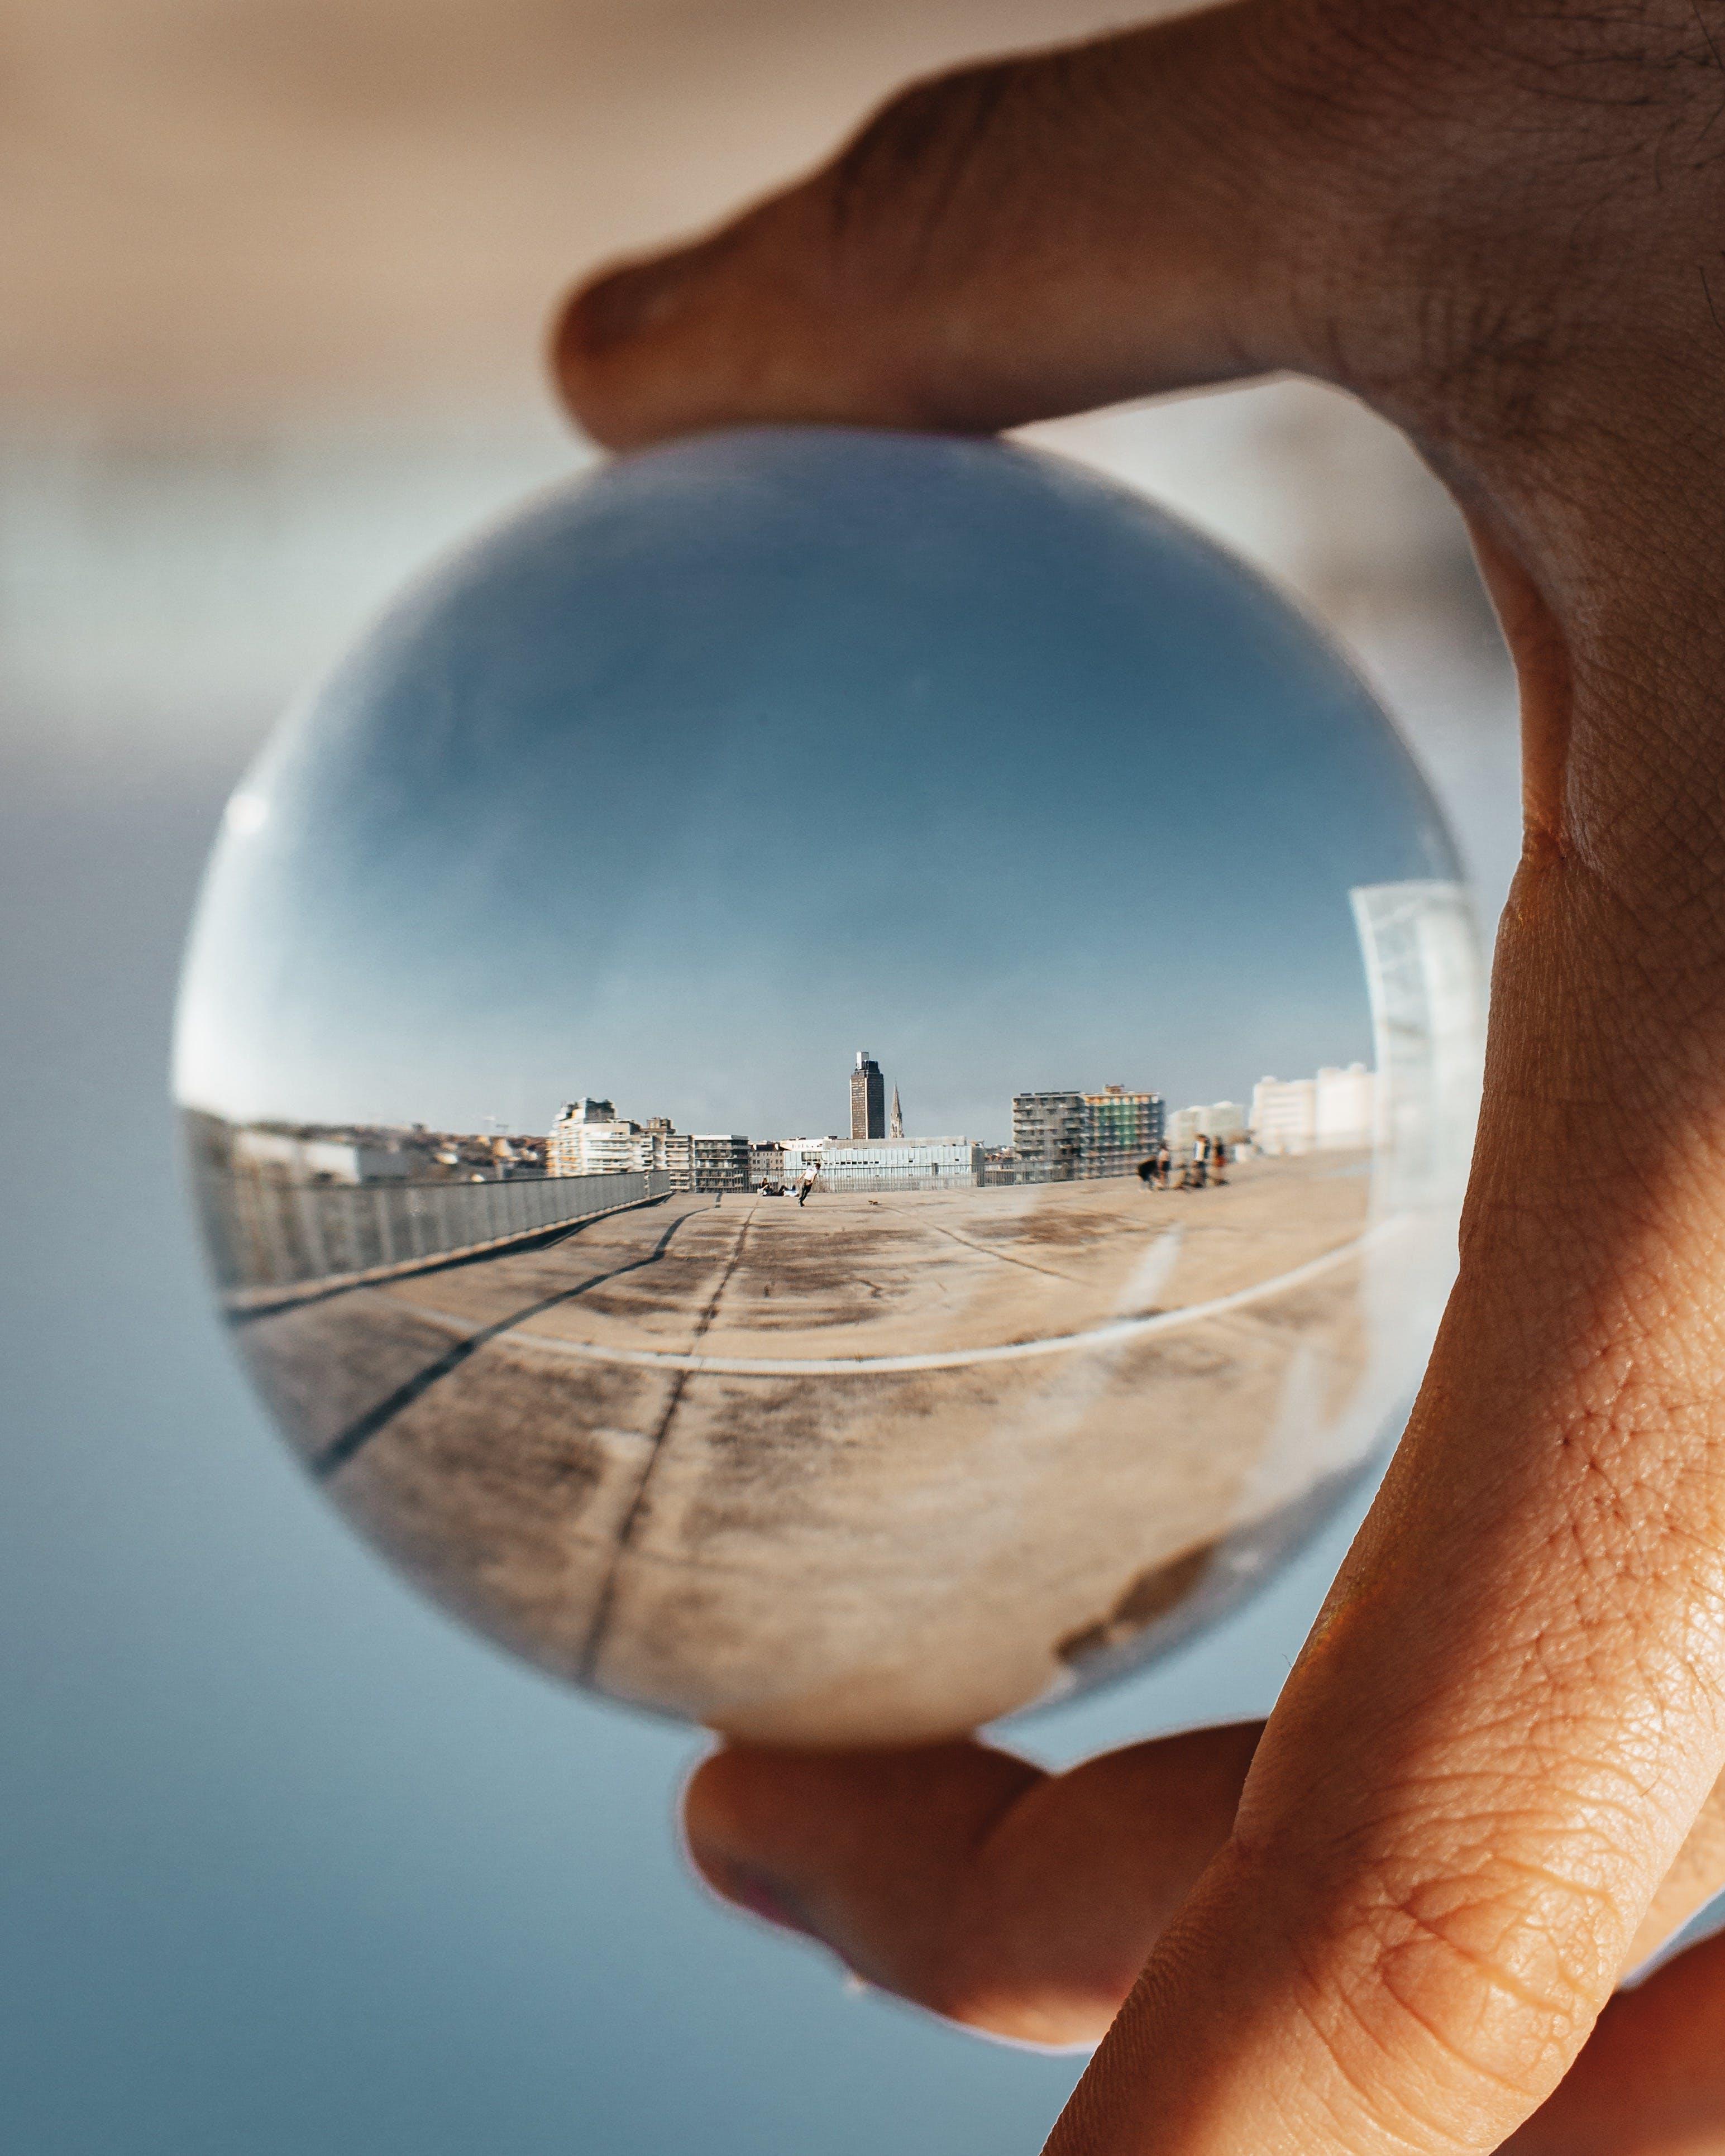 Kostenloses Stock Foto zu ball, glaskugel, kugel, reflektierung